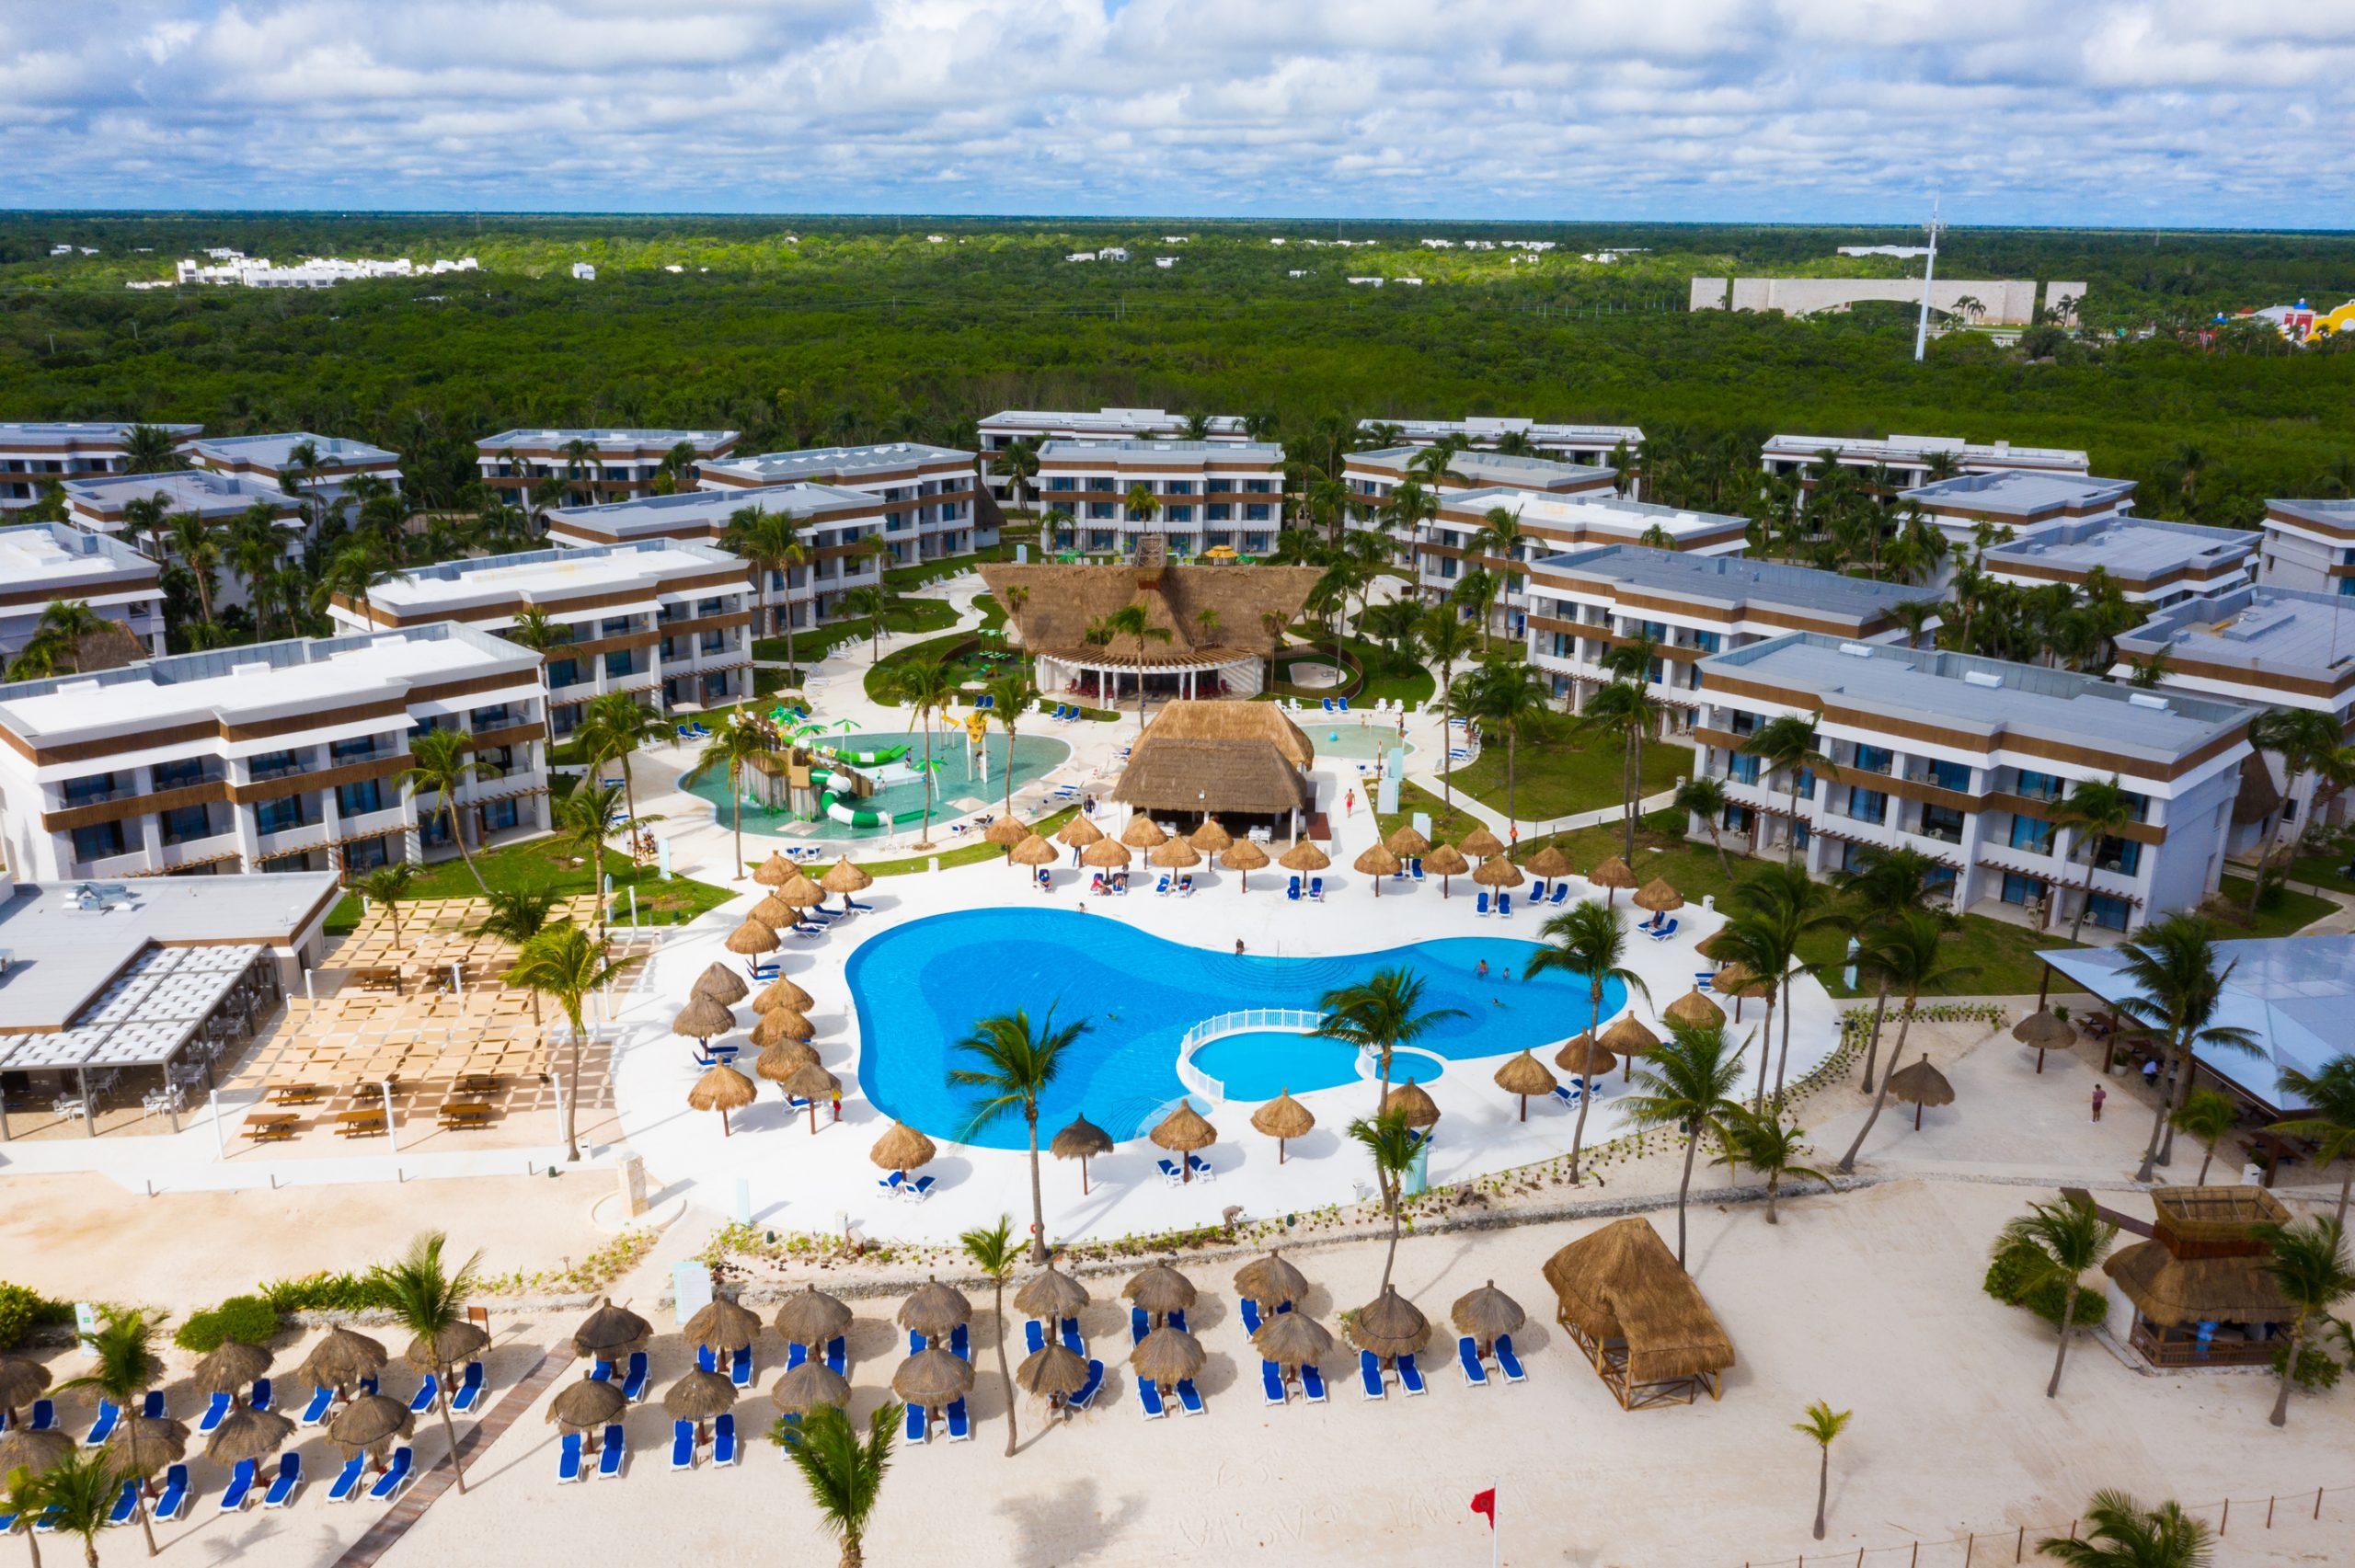 4 raisons de réserver vos vacances 2022 maintenant